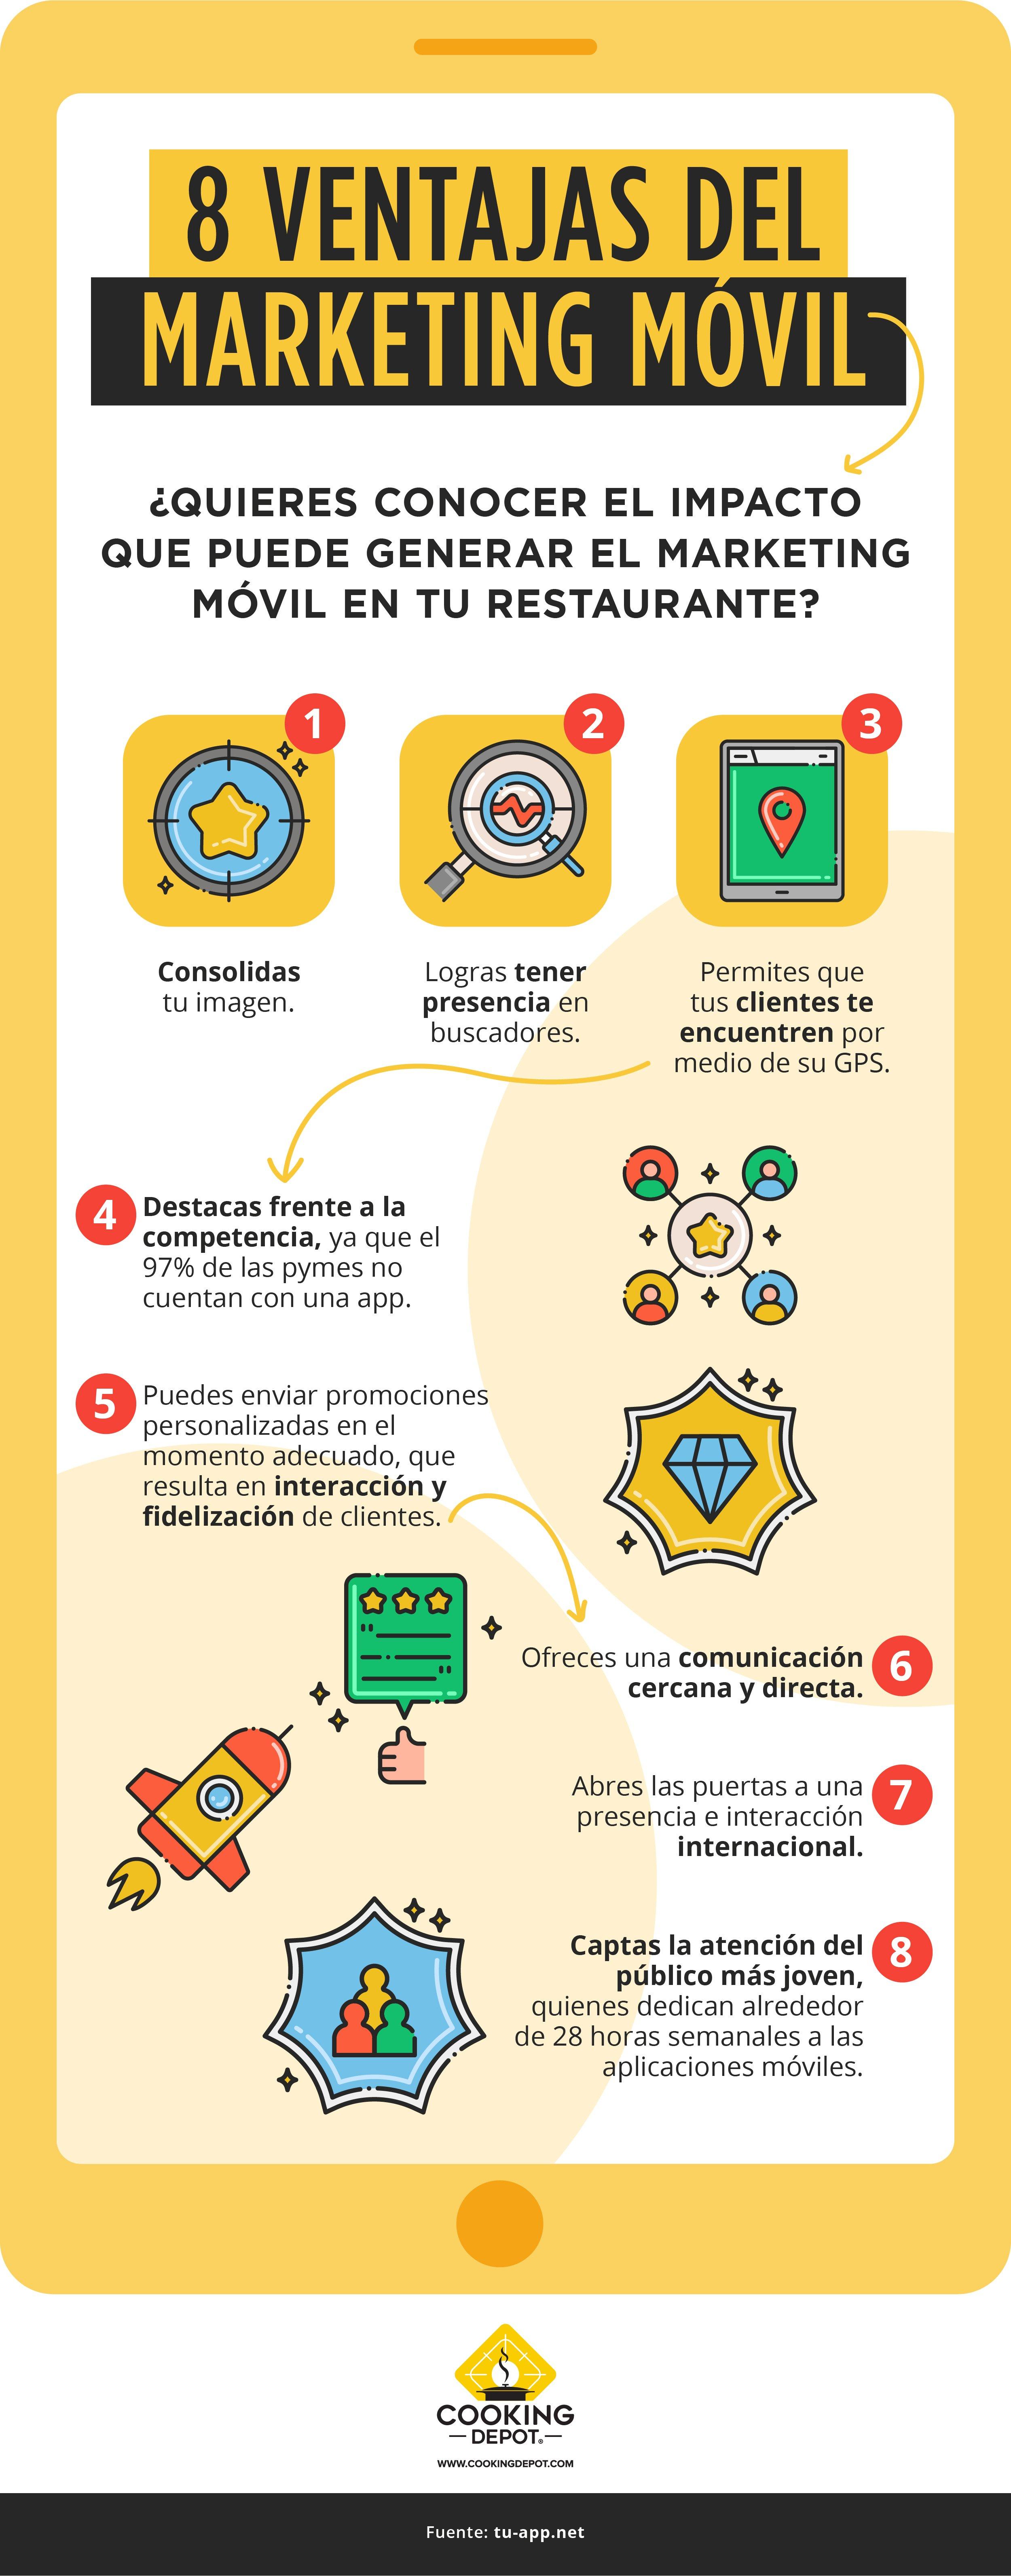 CD-S13 Blog 4 Qué es el marketing móvil y cómo puede ayudar a tu restaurante_Infografía